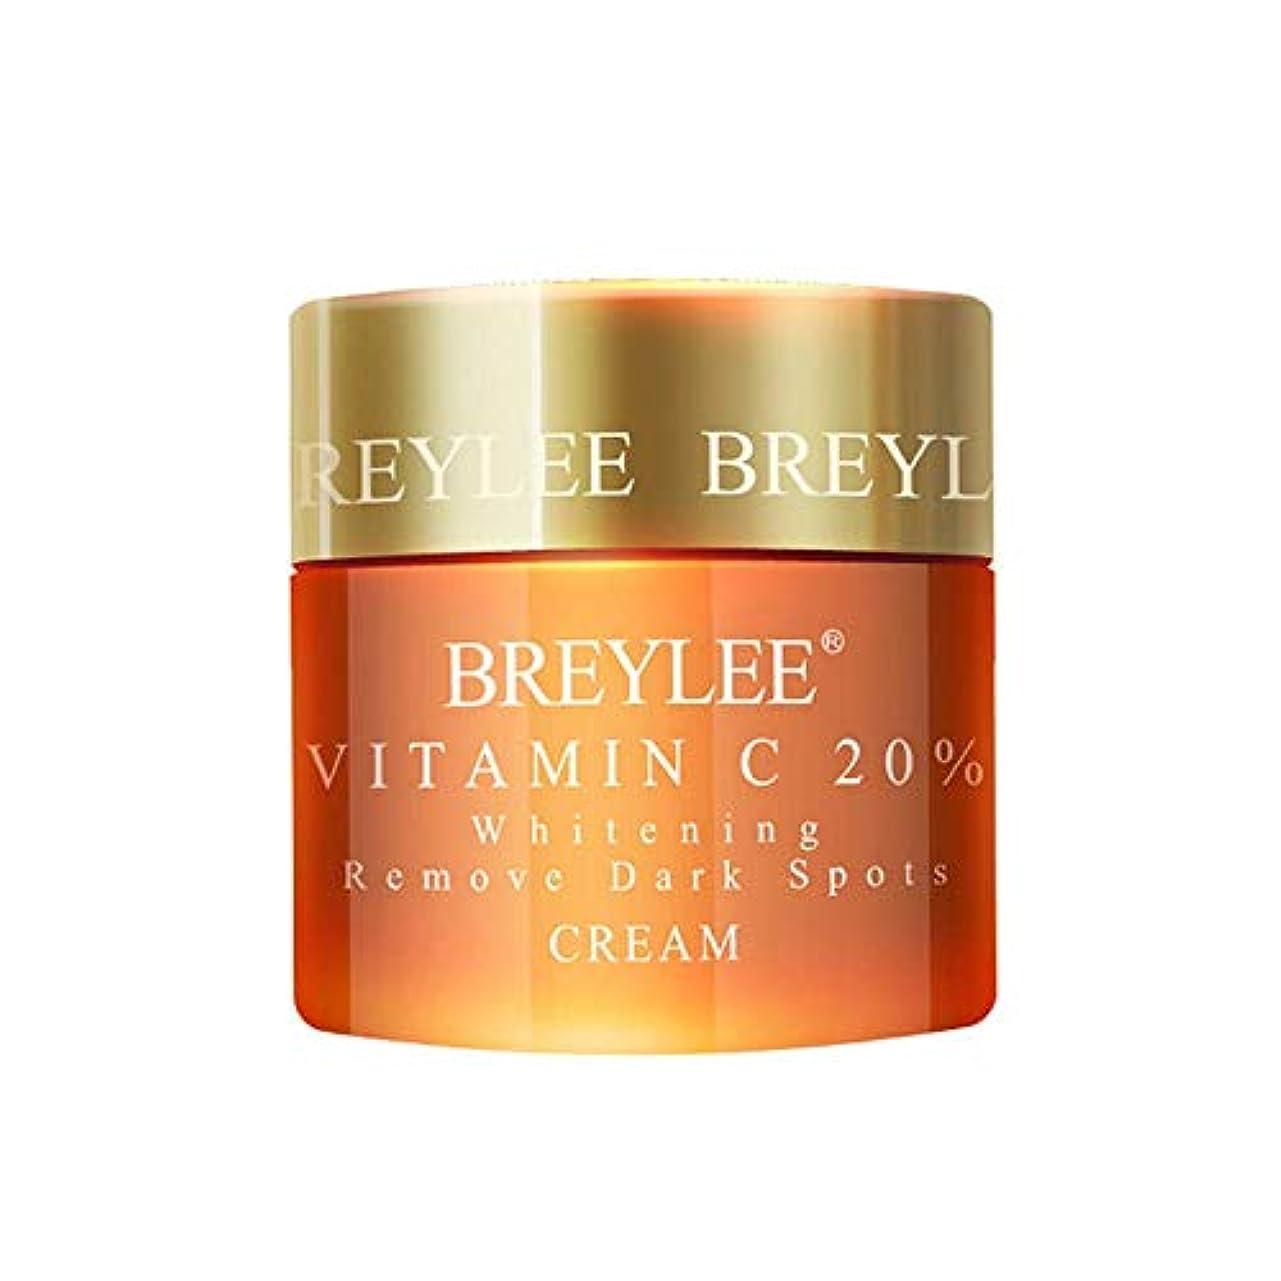 破壊するゴルフ一生BREYLEE ヒアルロン酸 保湿クリーム 20%ビタミンC配合 美白 皮膚の引き締め (ビタミンC)